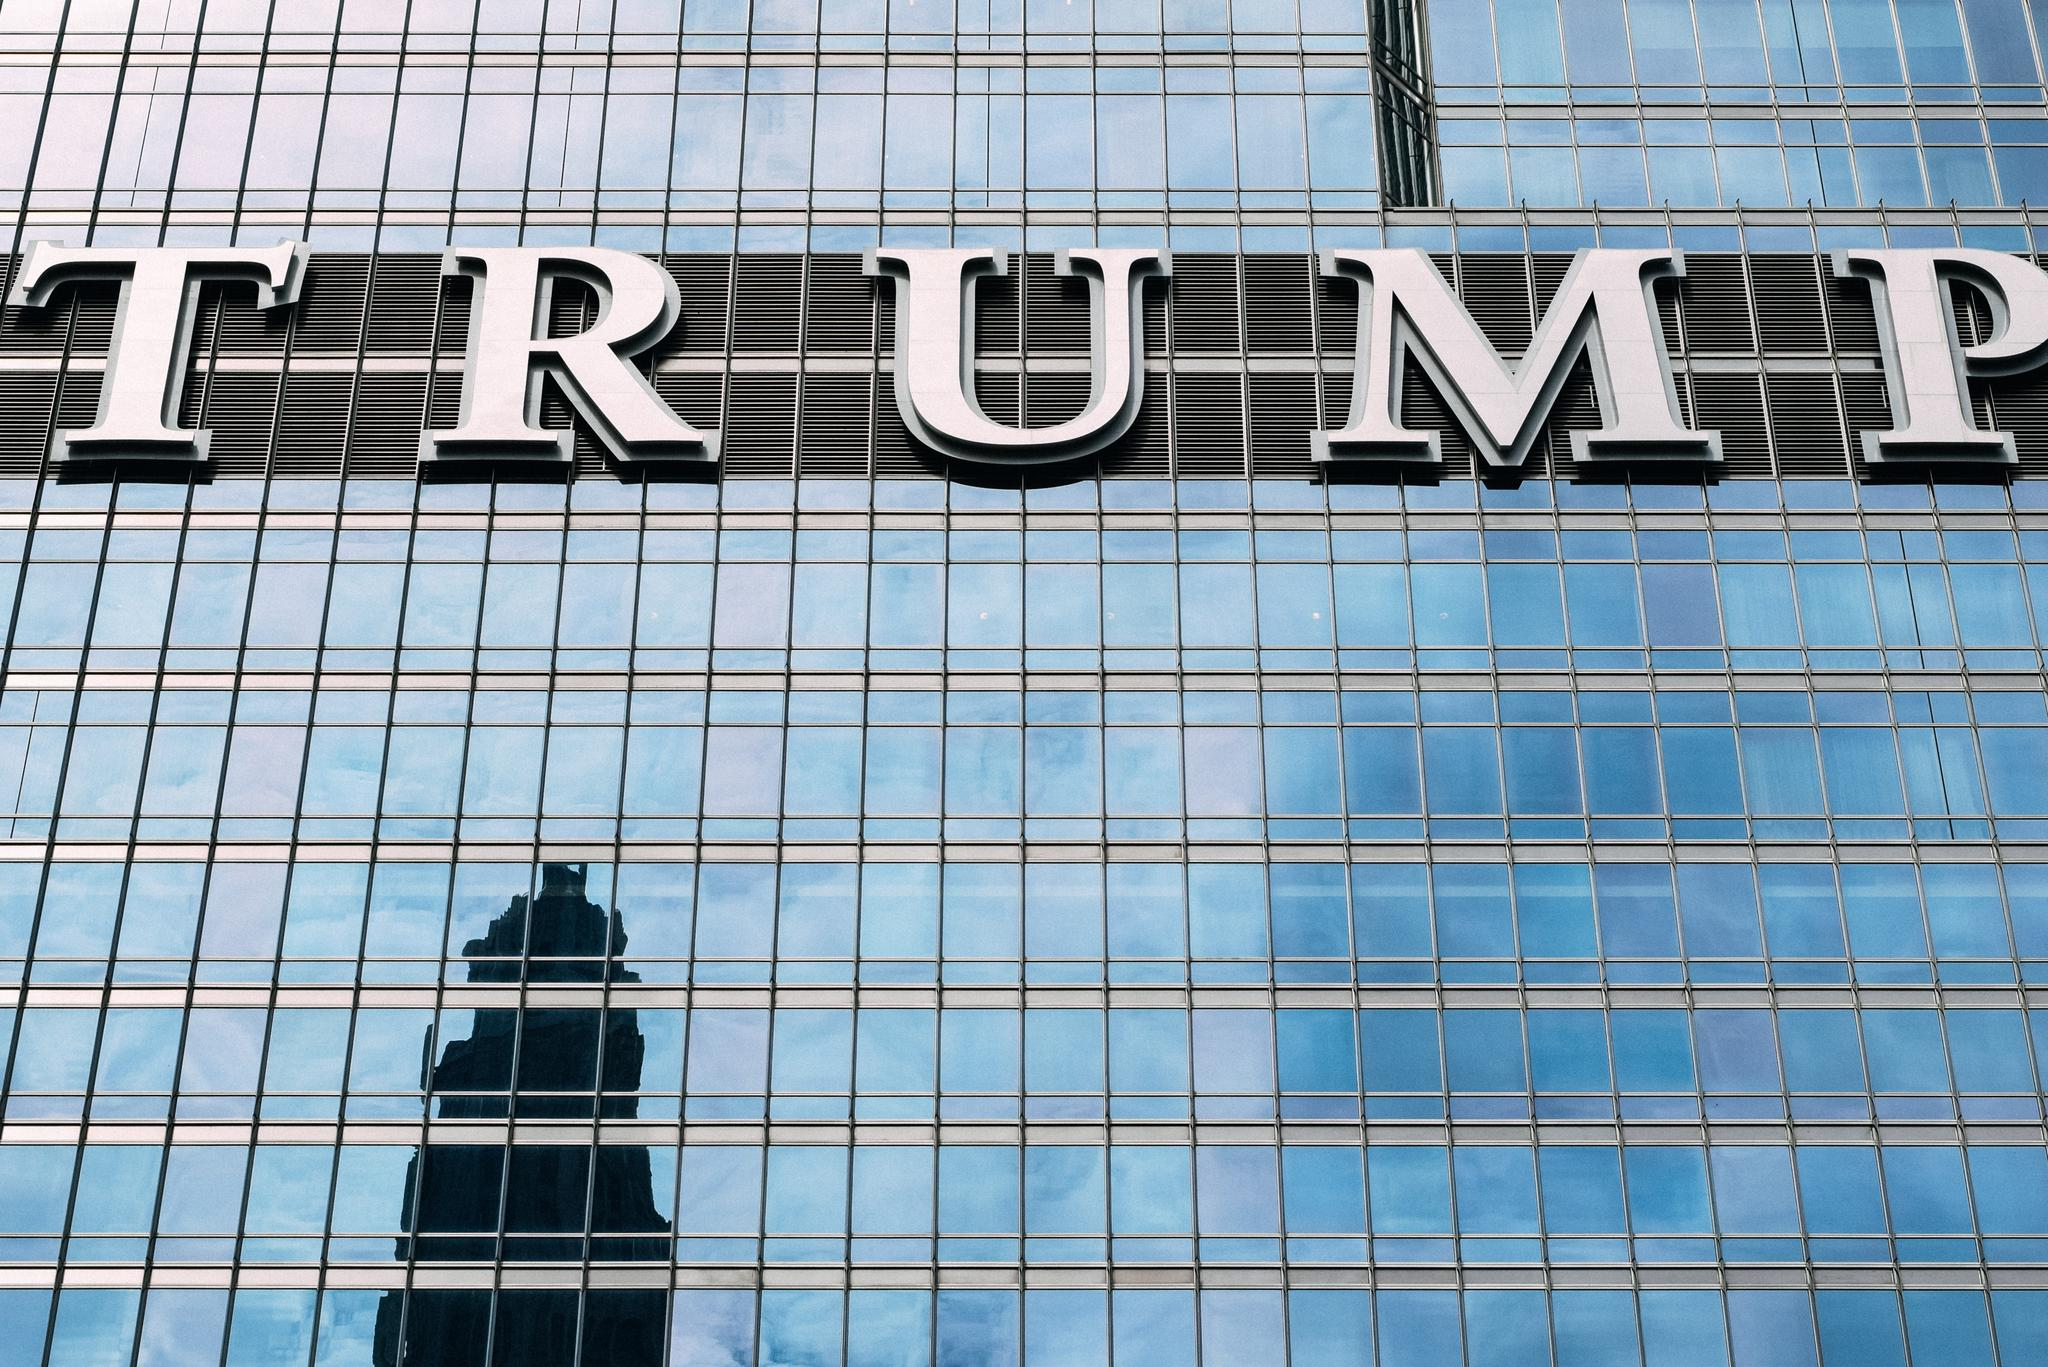 纽约检察官已掌握特朗普的纳税申报和财务记录,并将扩大调查范围